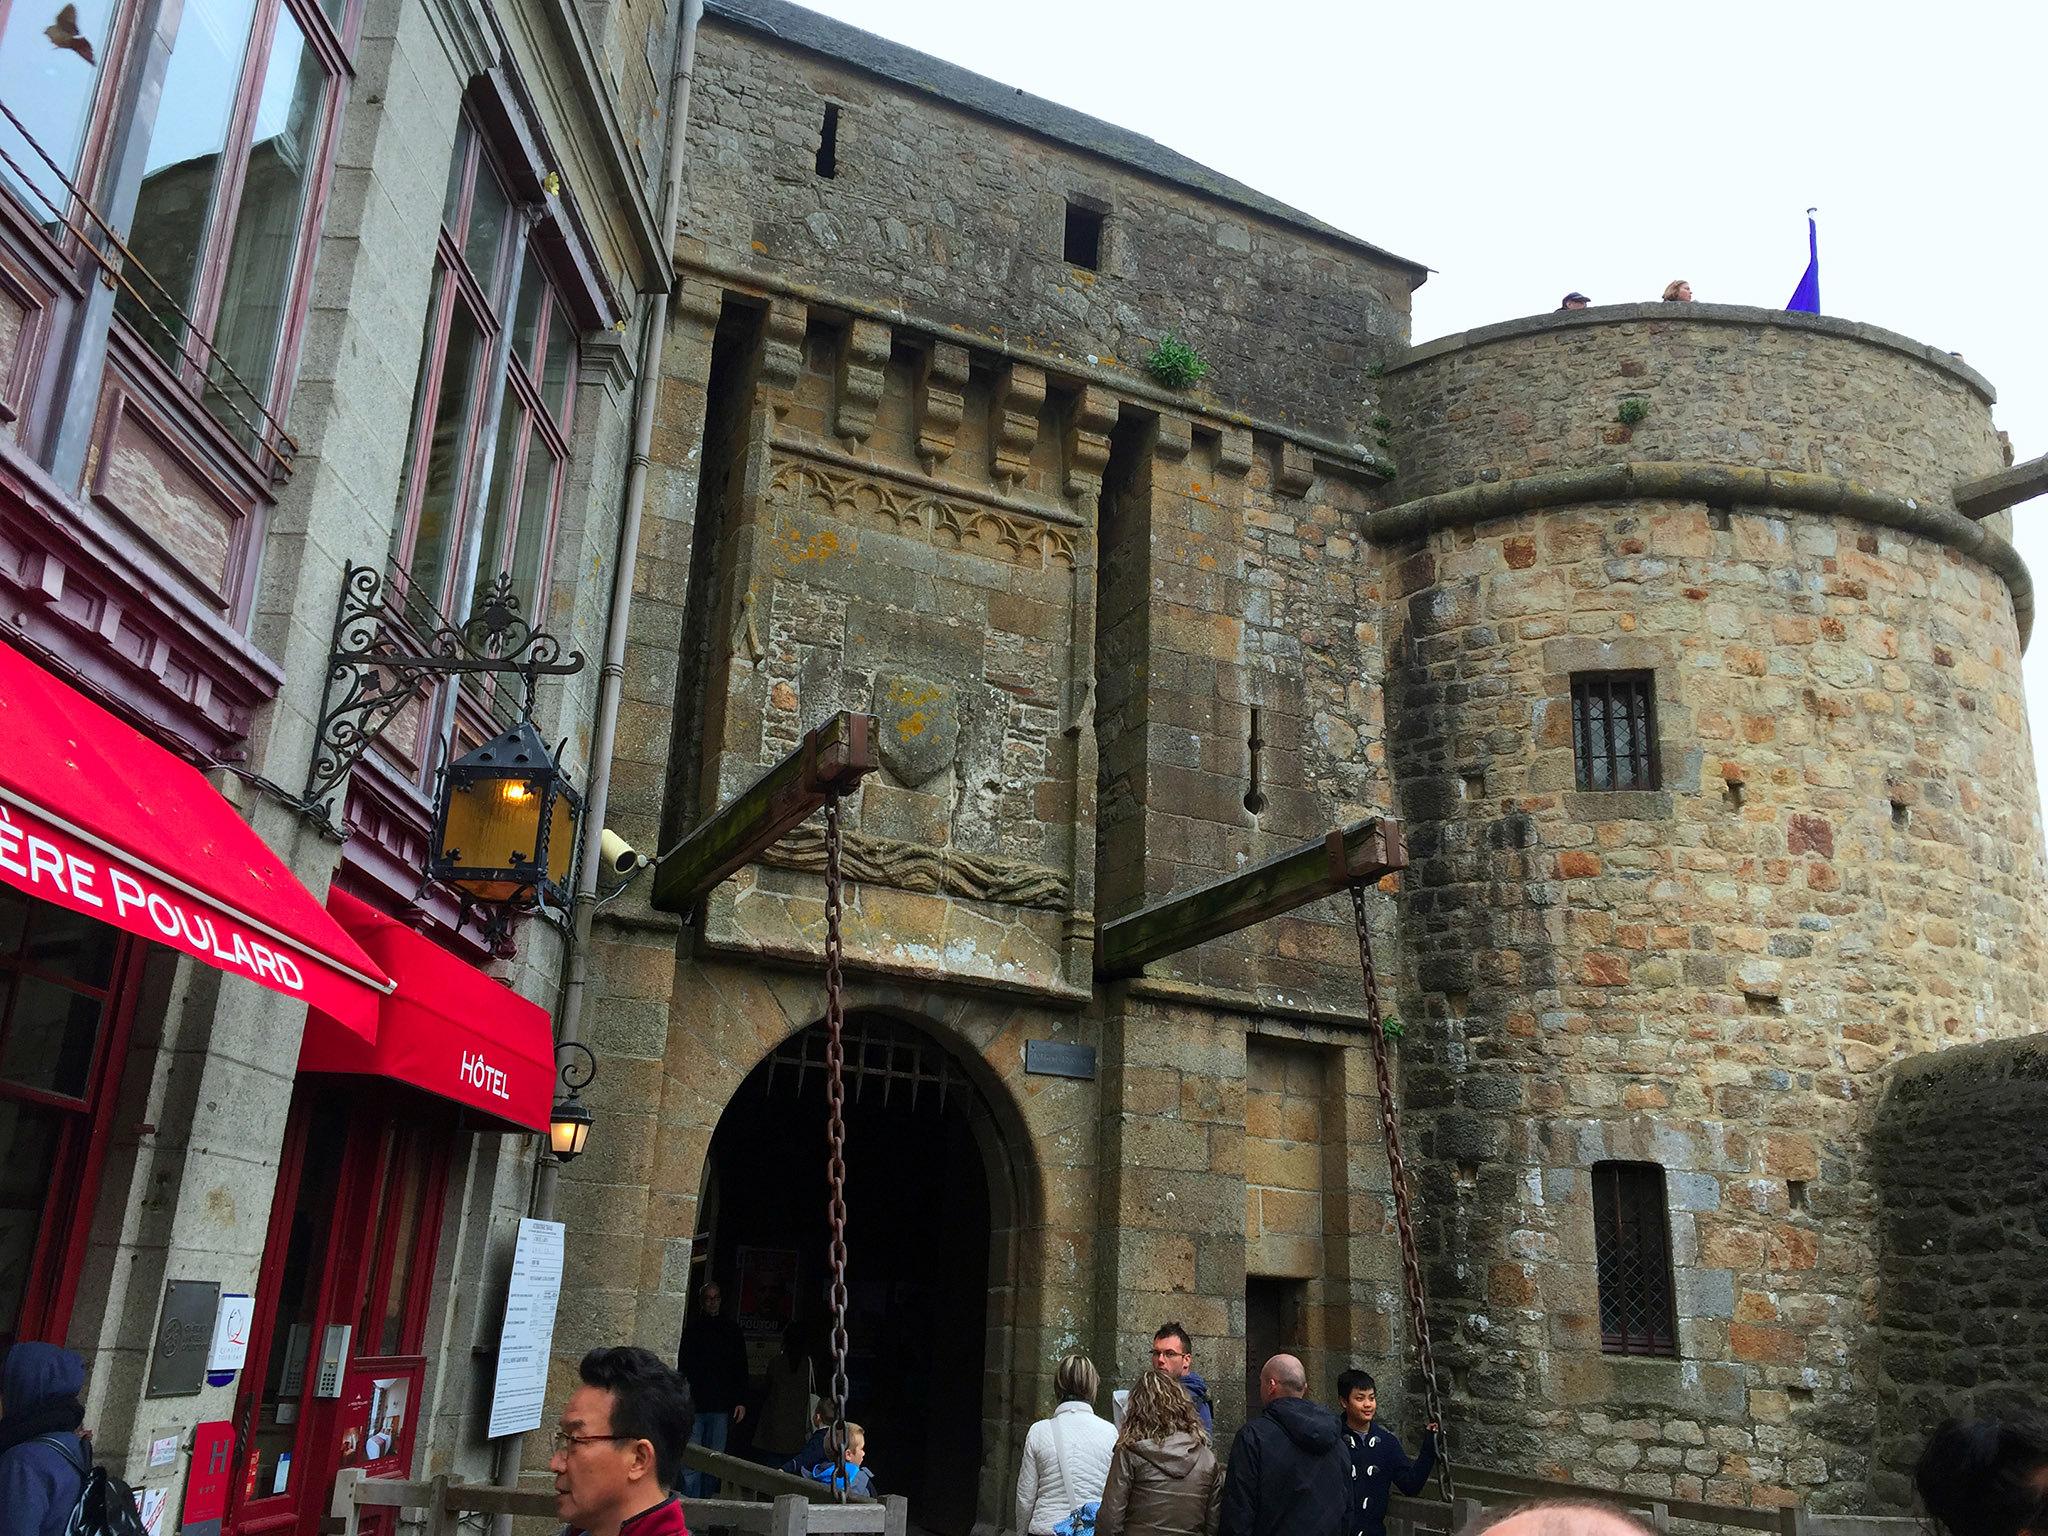 Mont Saint-Michel, France / Monte Saint-Michel, Francia mont saint-michel - 37717617261 61d152d29b k - Visitar el Mont Saint-Michel